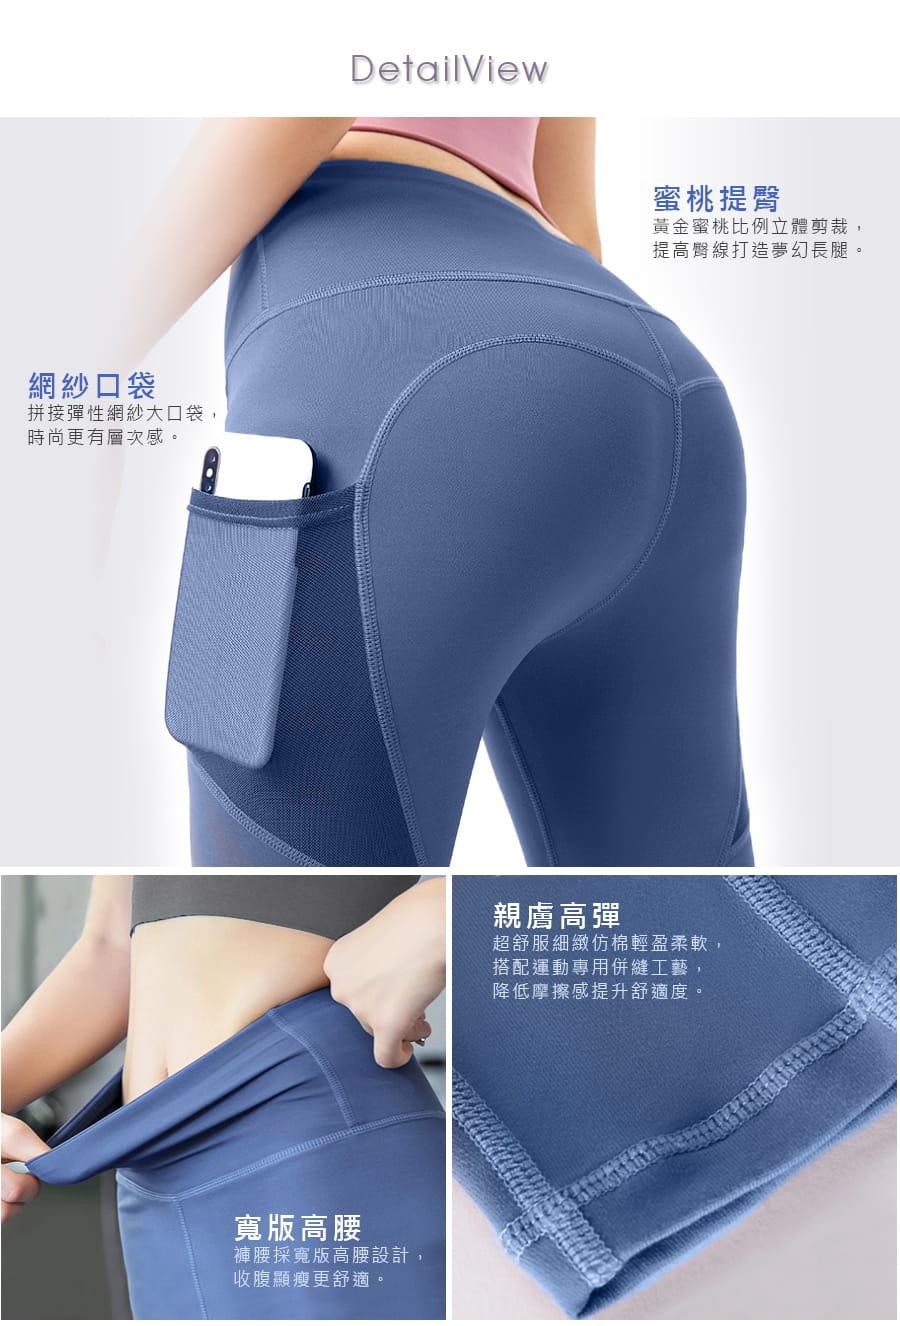 【Un-Sport高機能】提臀系列-高彈網紗拼接雙口袋九分褲(瞬吸排濕/瑜伽/健身) 4